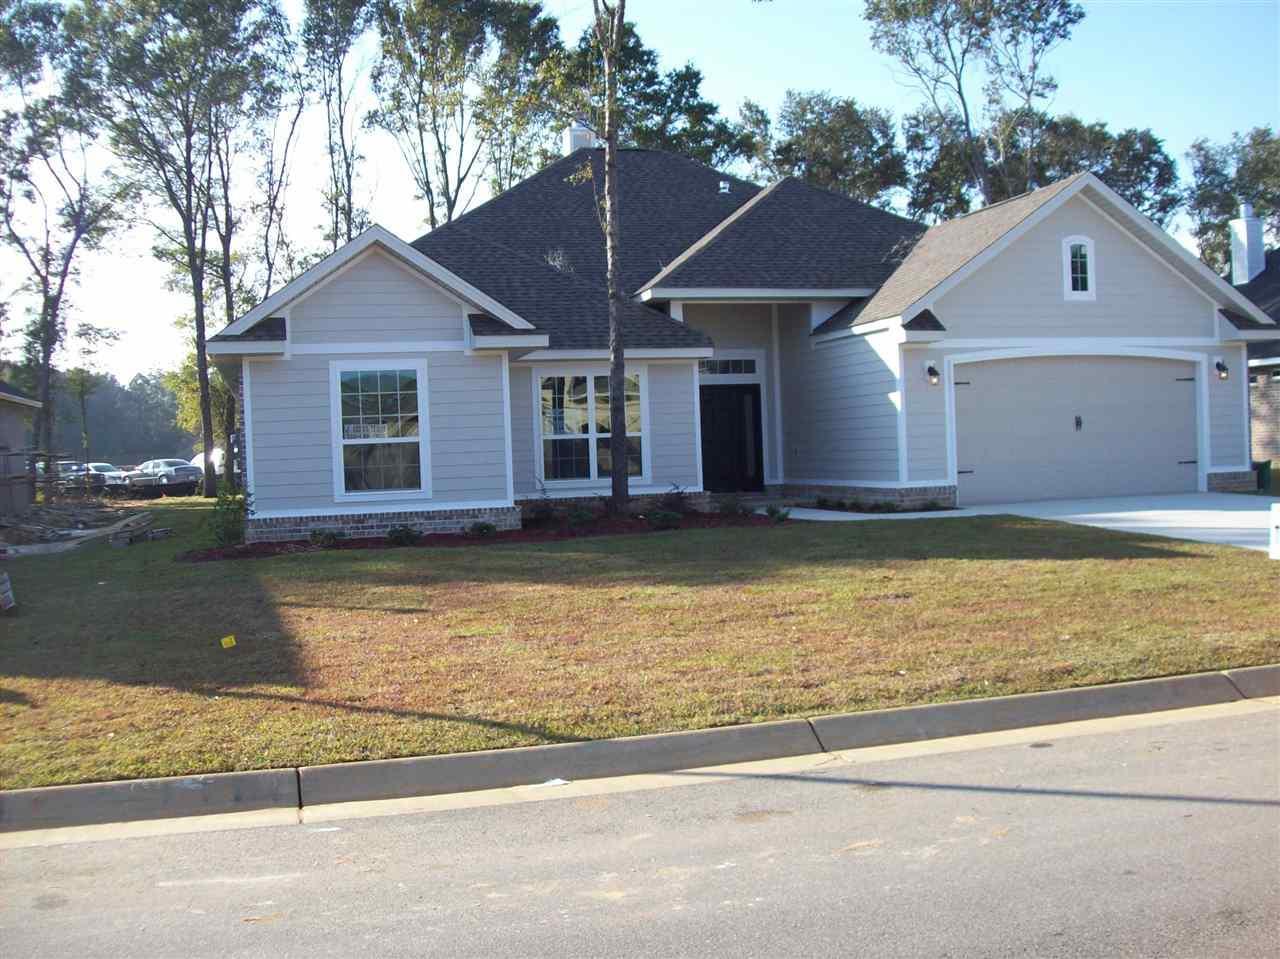 8710 BLAKE EVAN CIR, PENSACOLA, FL 32526